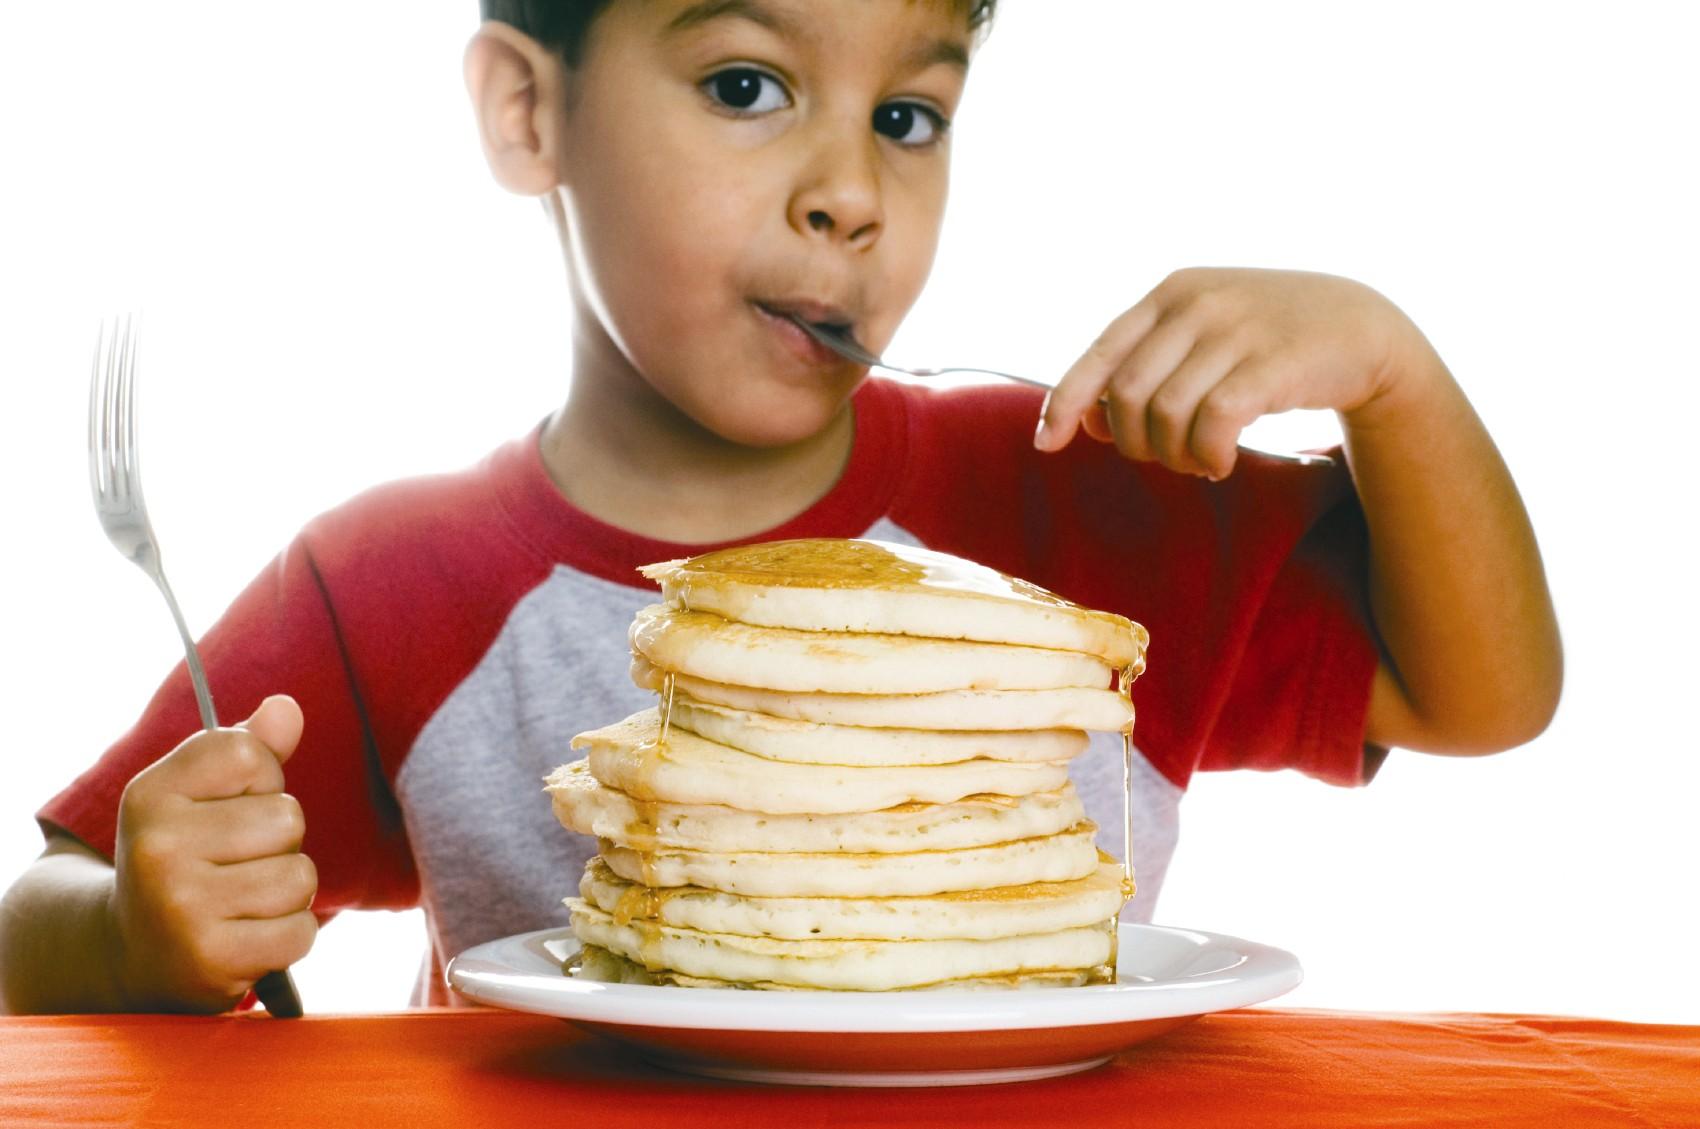 Pin Kid Eating Pancakes Cake on Pinterest